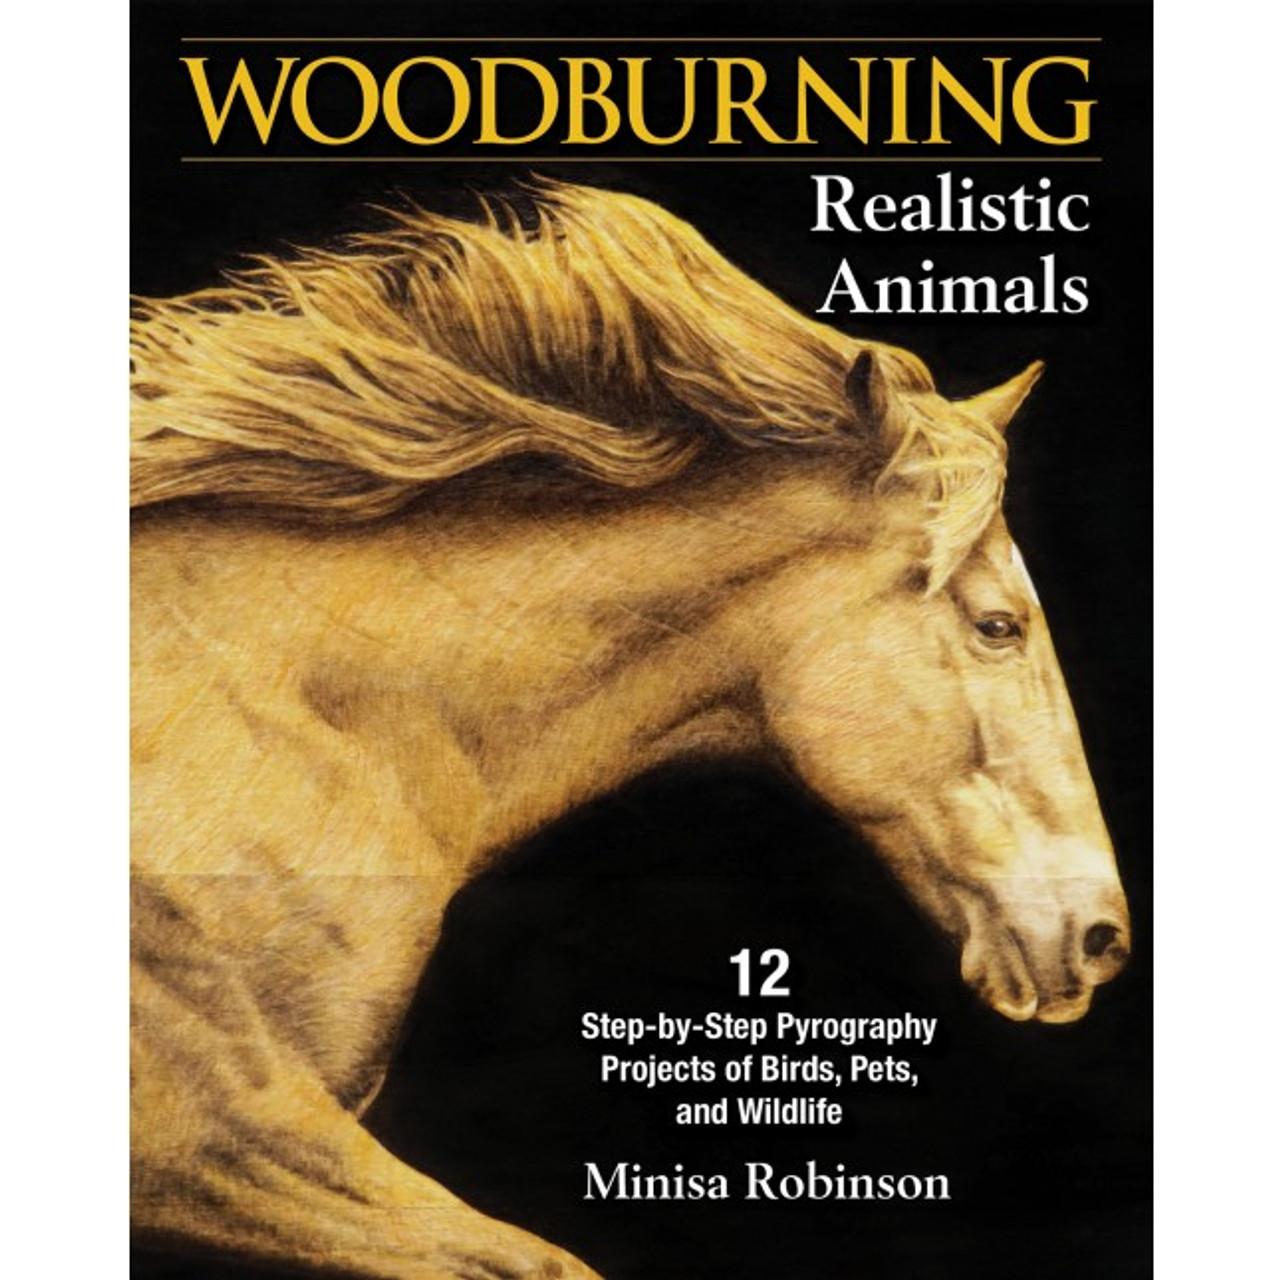 Woodburning Realistic Animals showing an amazing horse portrait burned onto wood.